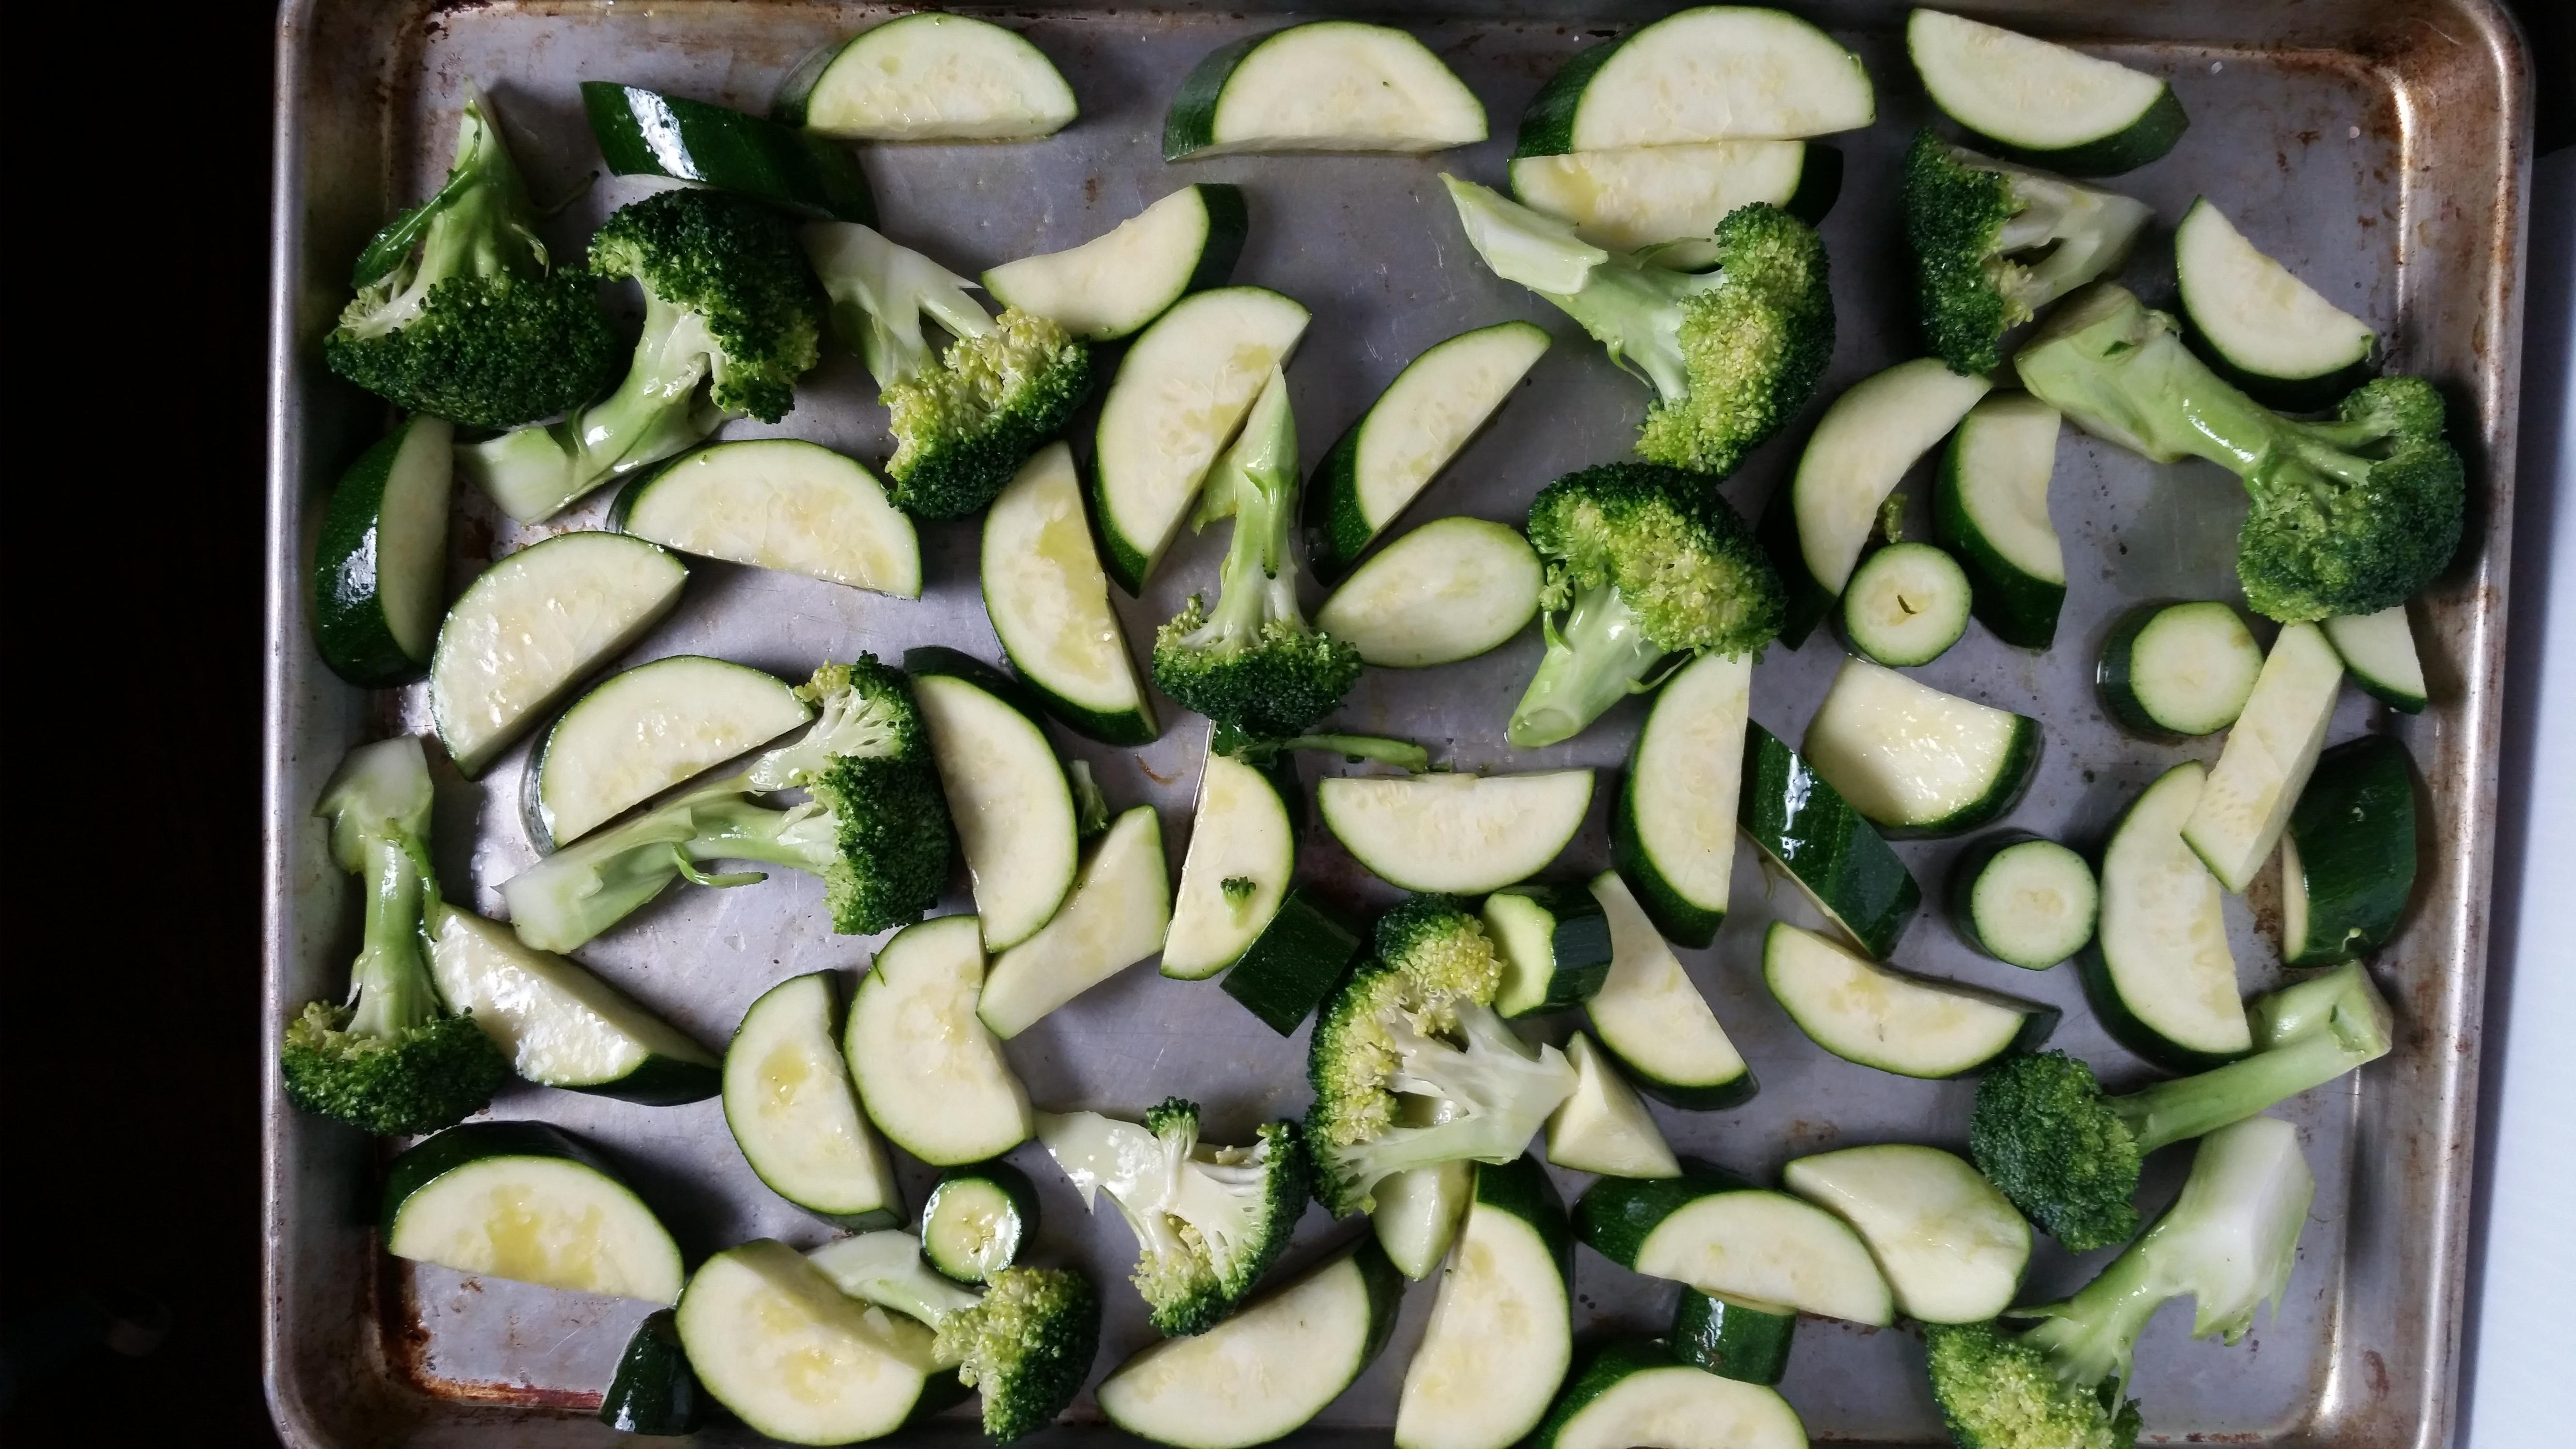 20150602 211133 - Broccoli, Zucchini and Avocado Salad